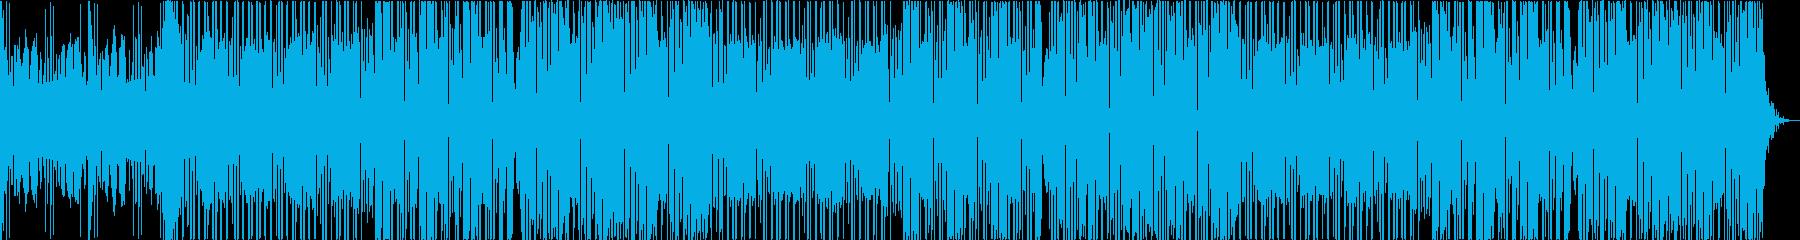 声ネタ西海岸ギャングHIPHOPの再生済みの波形